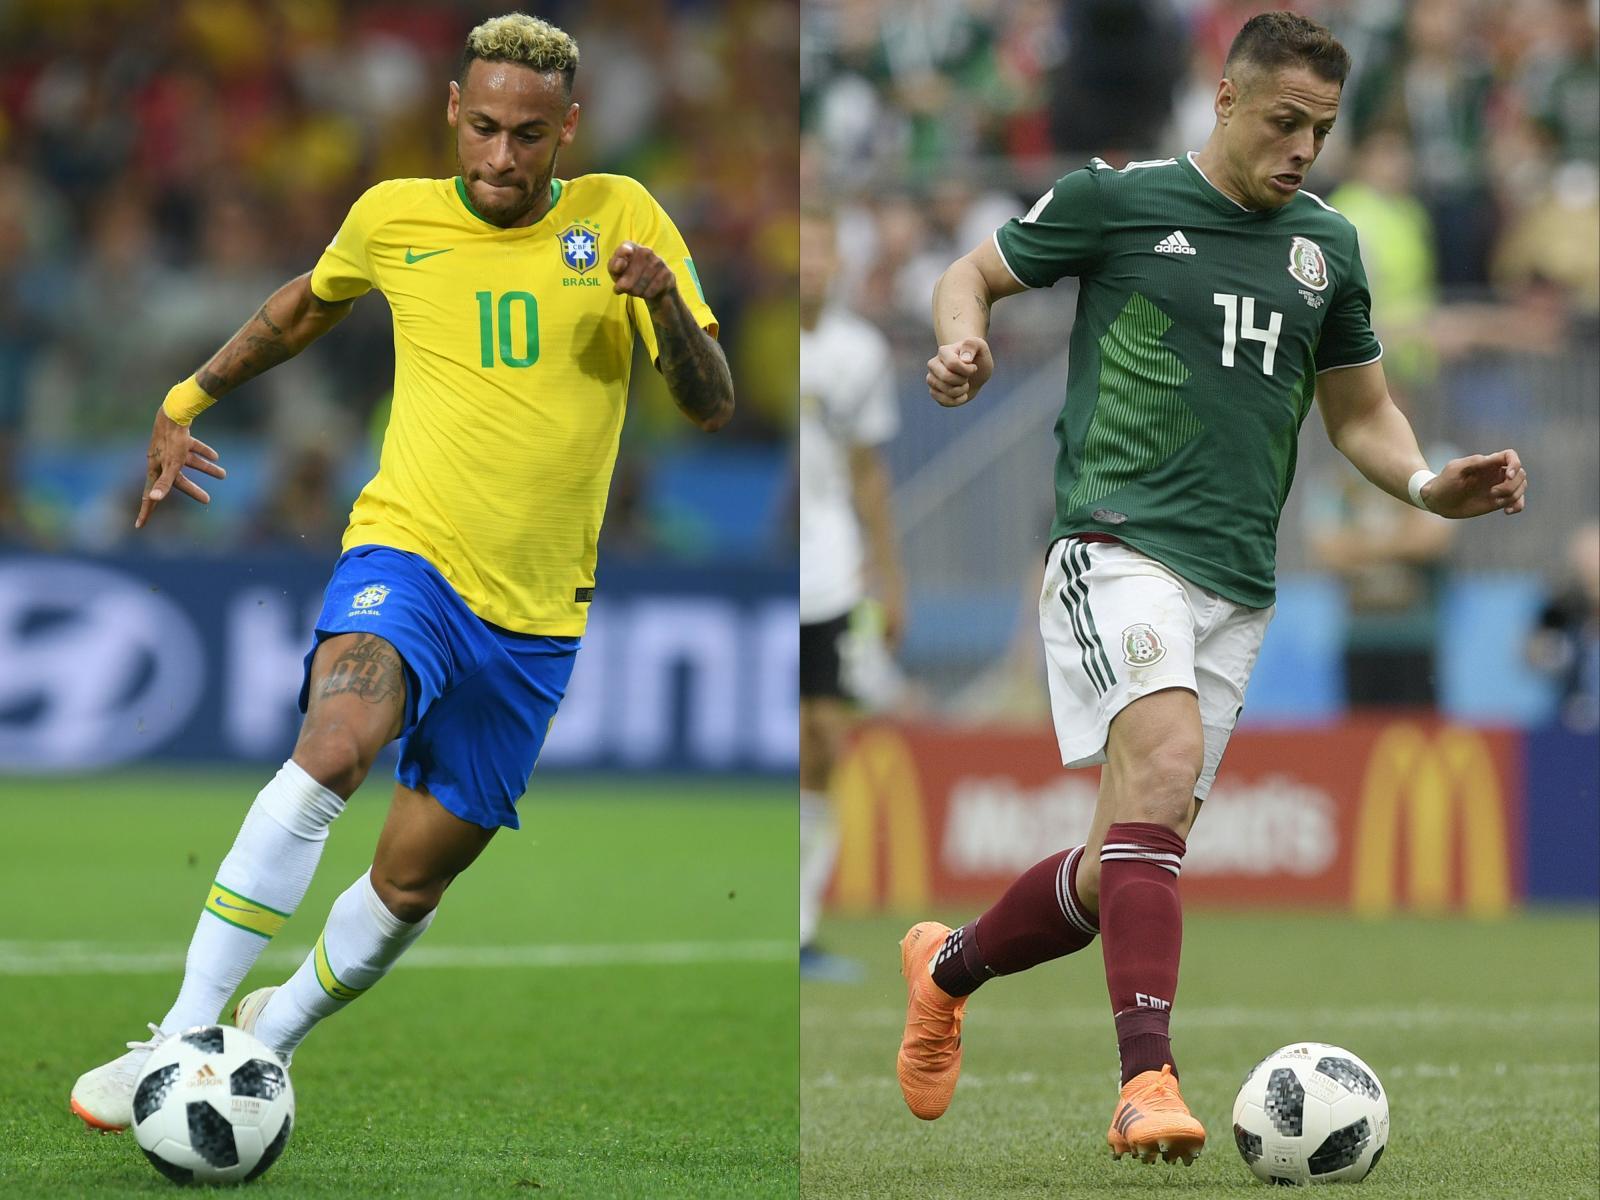 """""""เนย์มาร์"""" นำทัพ """"บราซิล"""" ลุยศึก """"เม็กซิโก"""" รอบ 16 ทีมสุดท้าย ฟุตบอลโลก2018"""